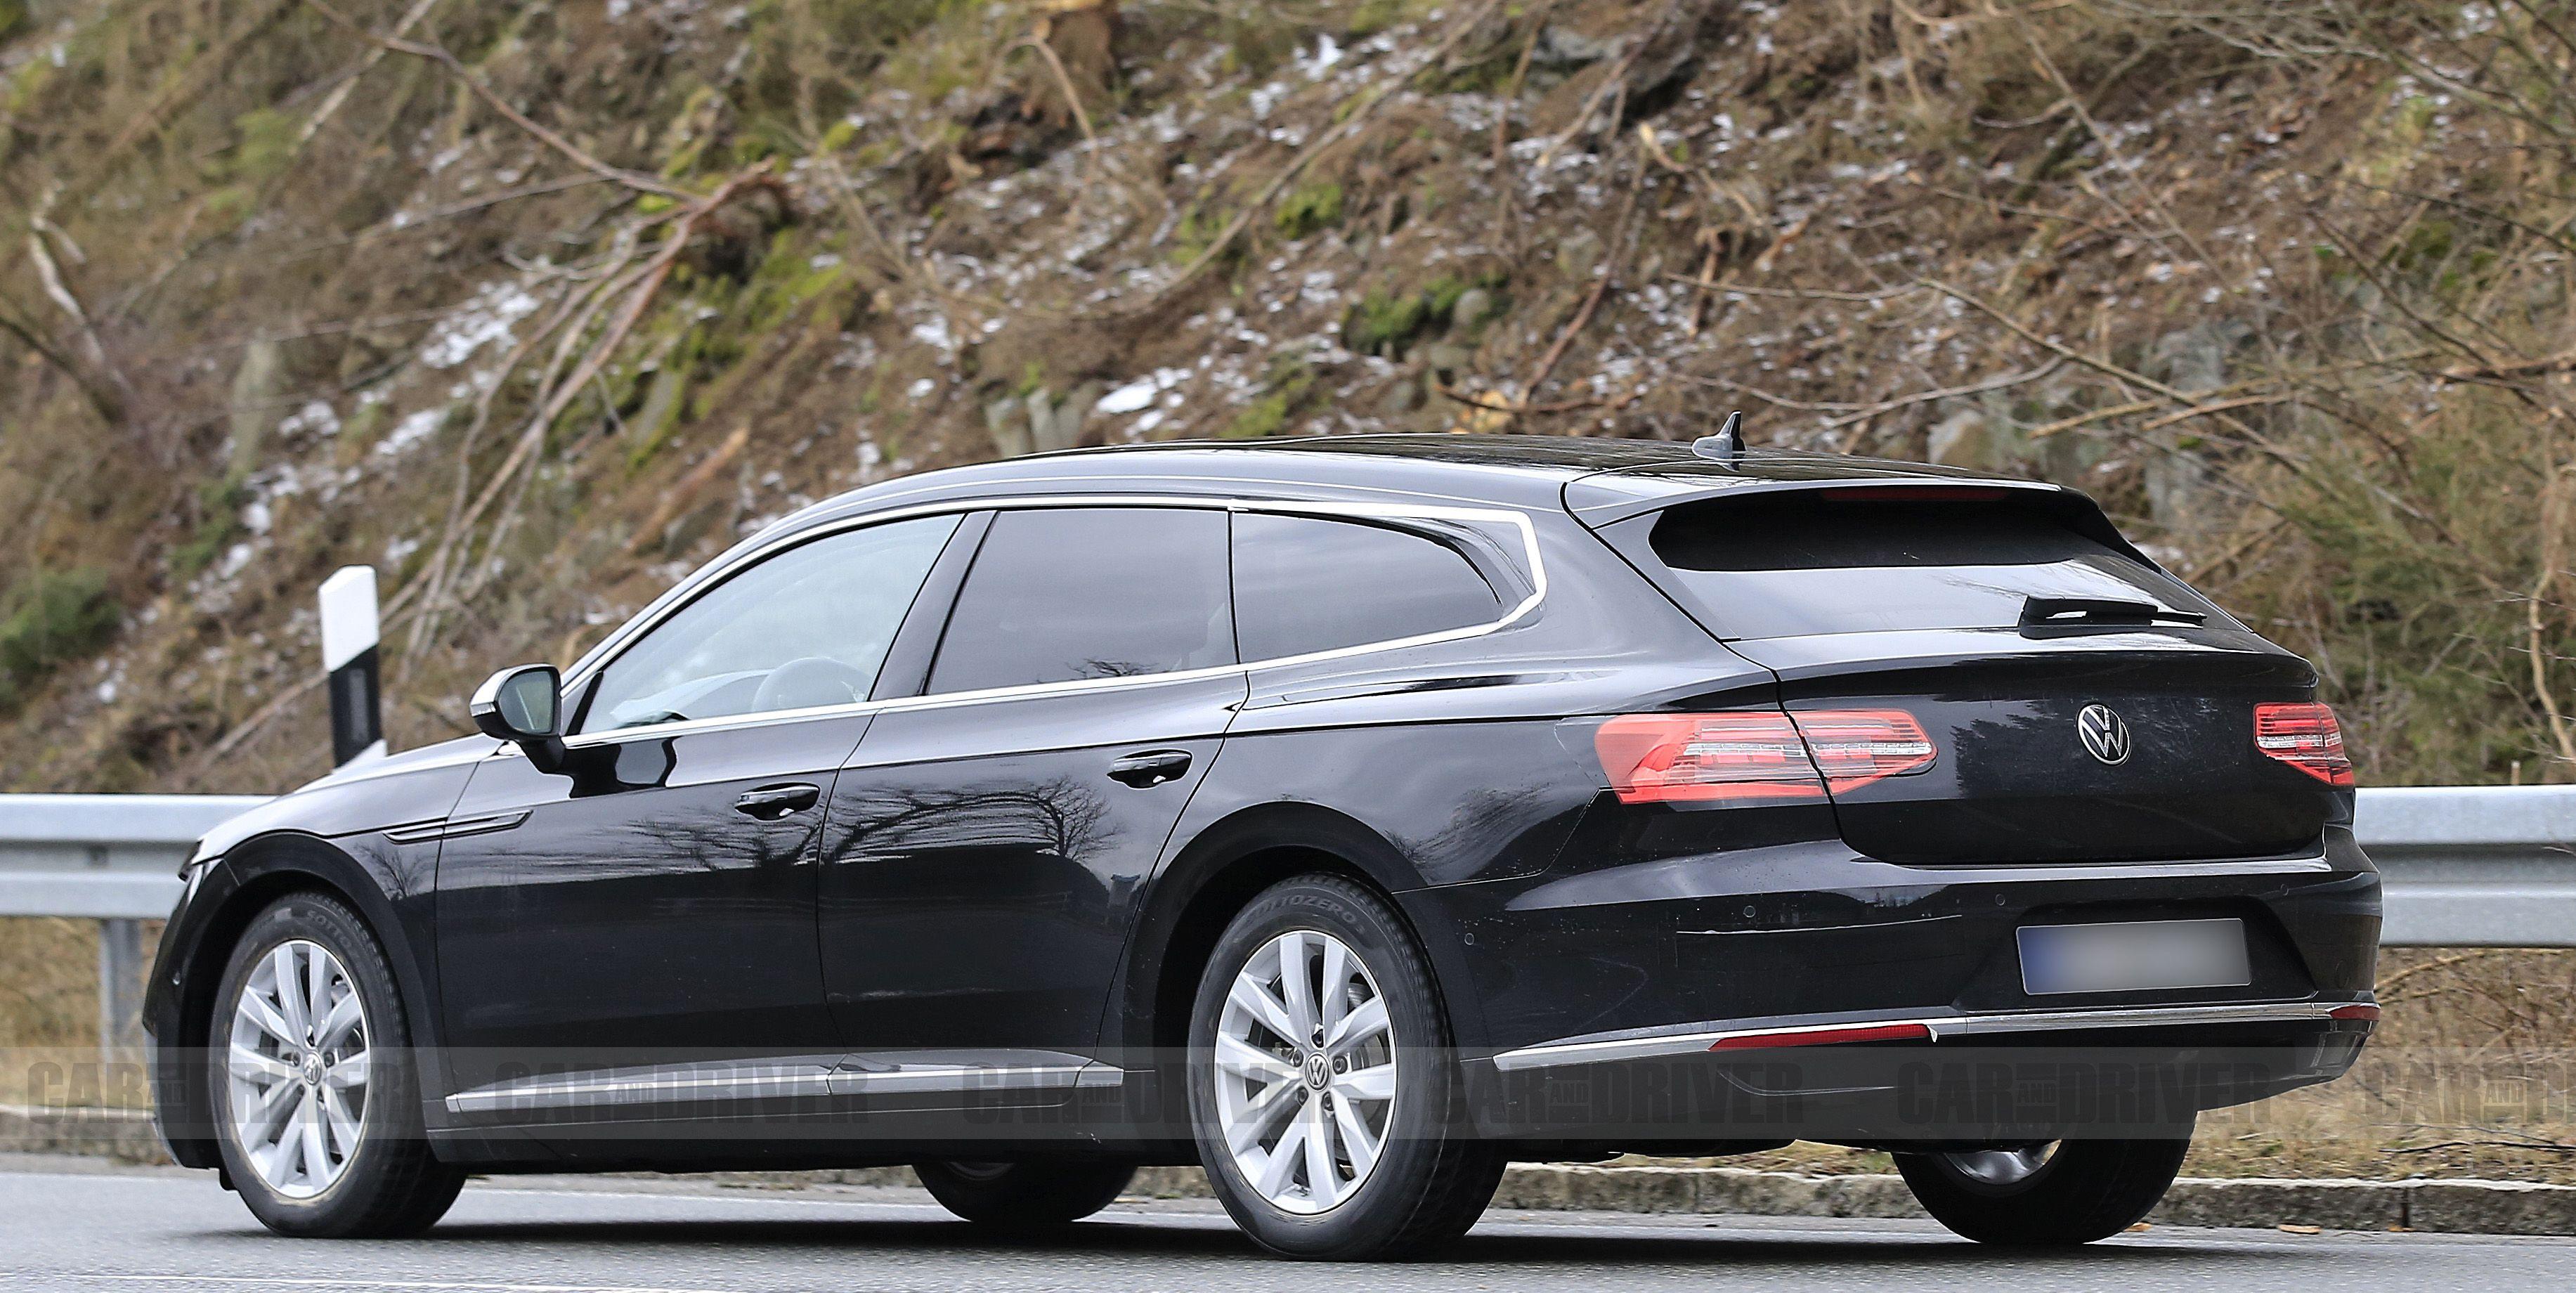 VW Arteon Adding Wagon and High-Performance R Variants